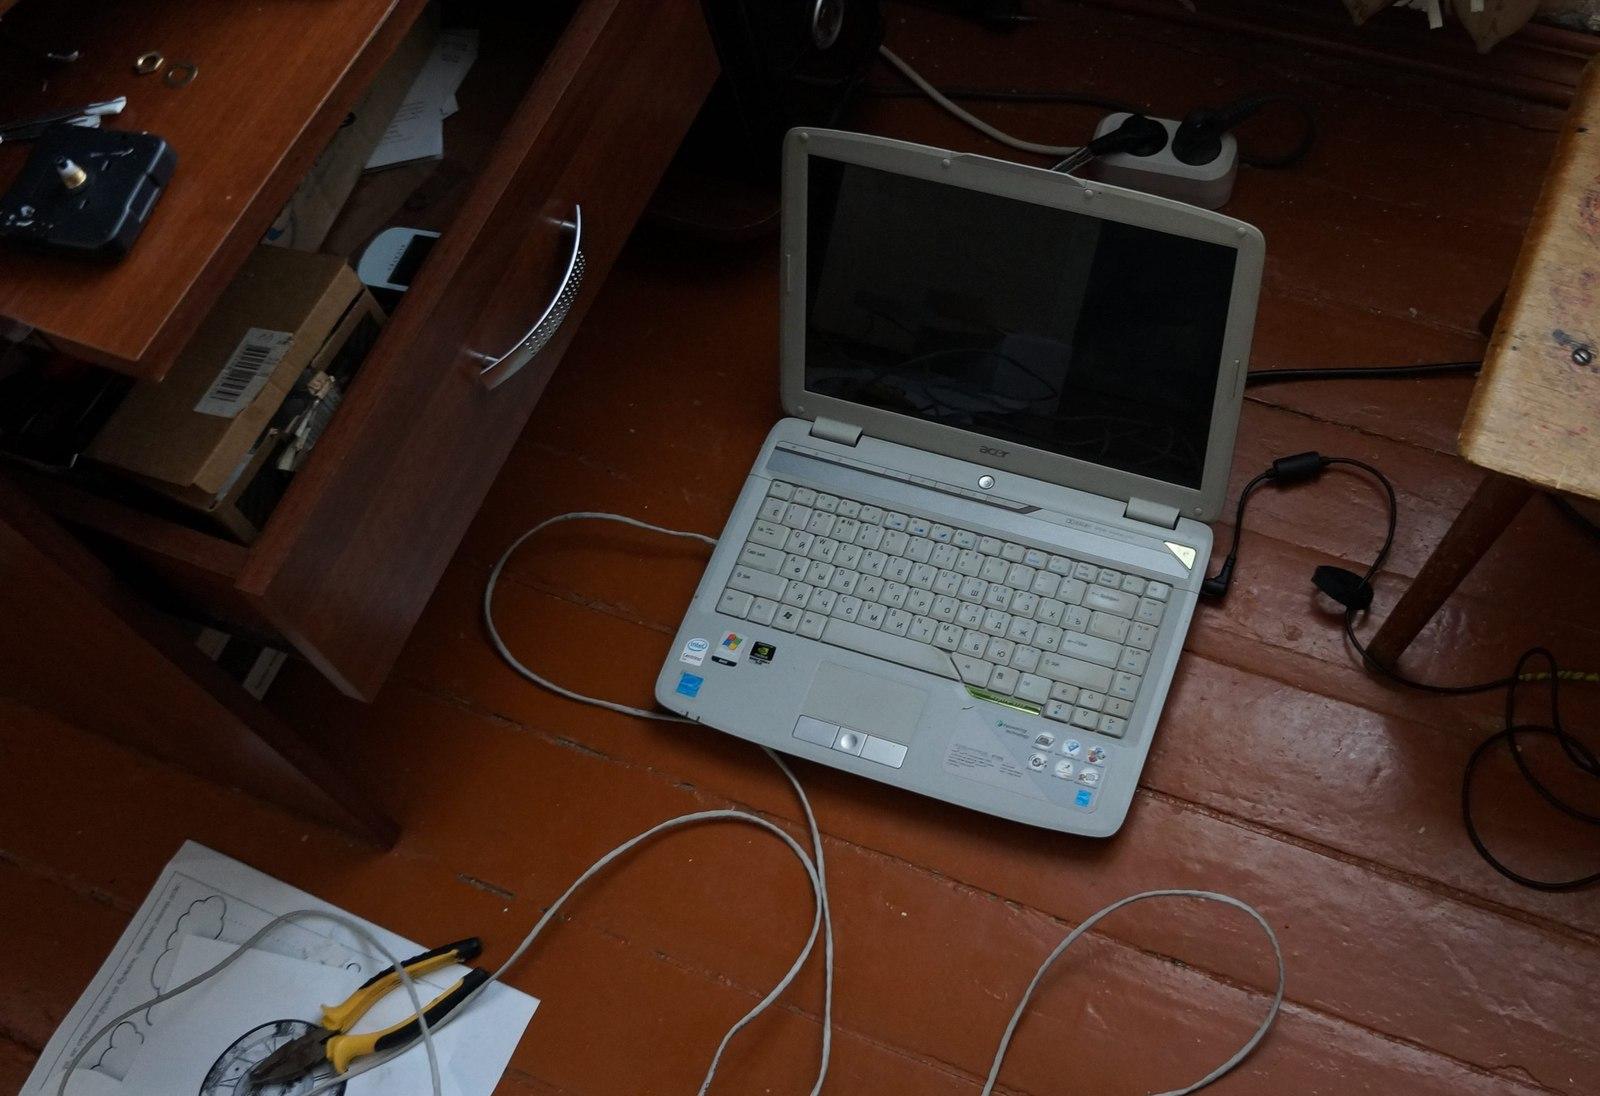 Как встановить андроиж нс ноутбук